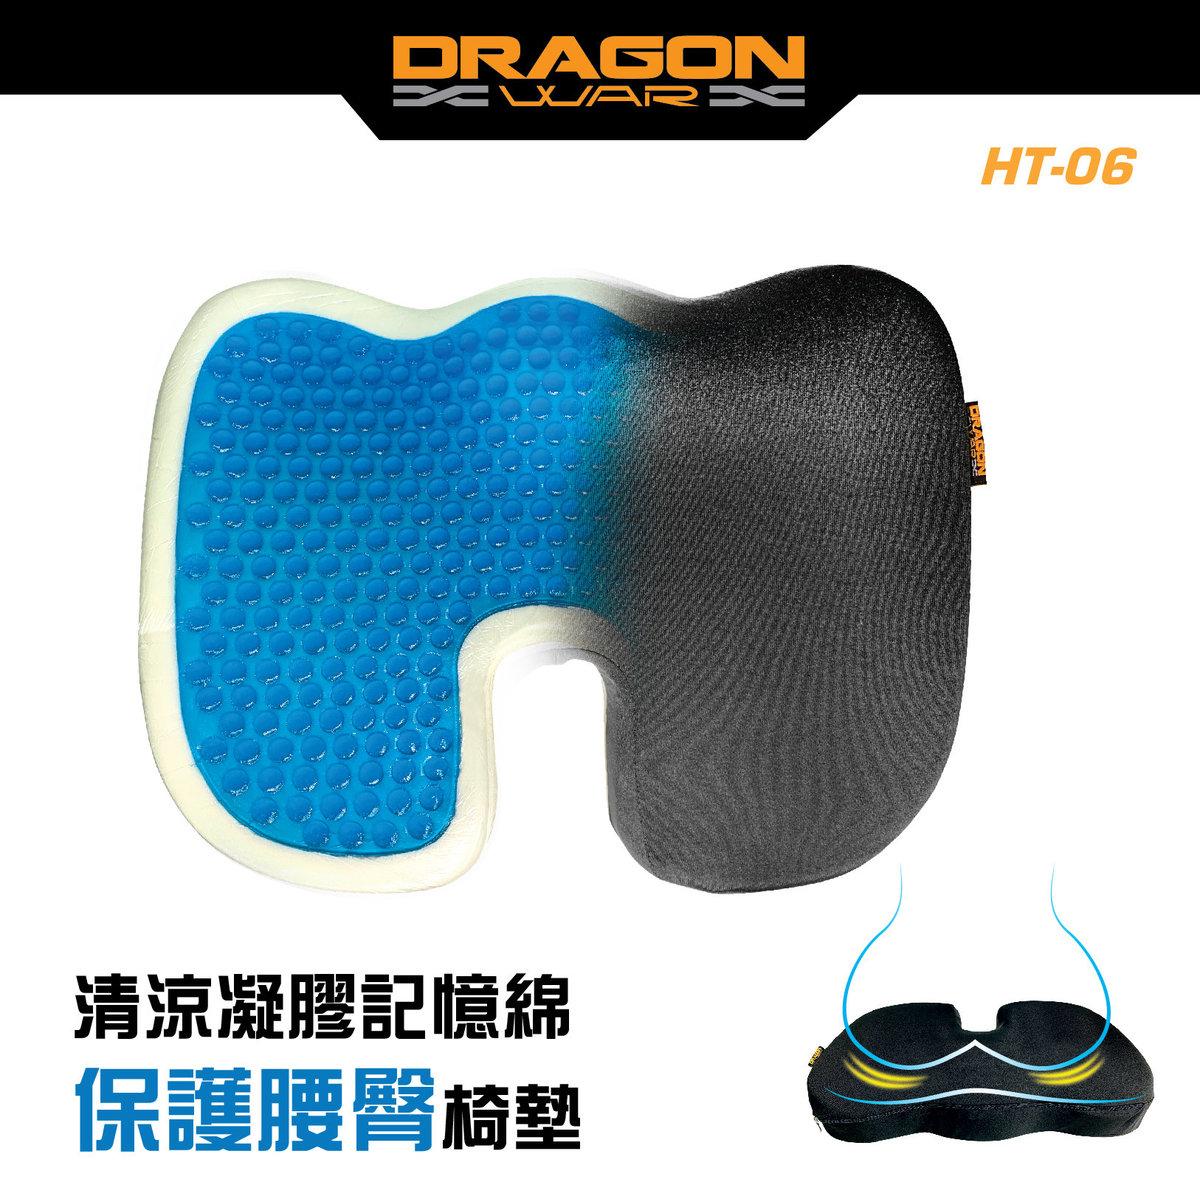 HT-06 水感凝膠記憶綿透氣椅墊 座墊 司機座墊 電競座墊 office座墊